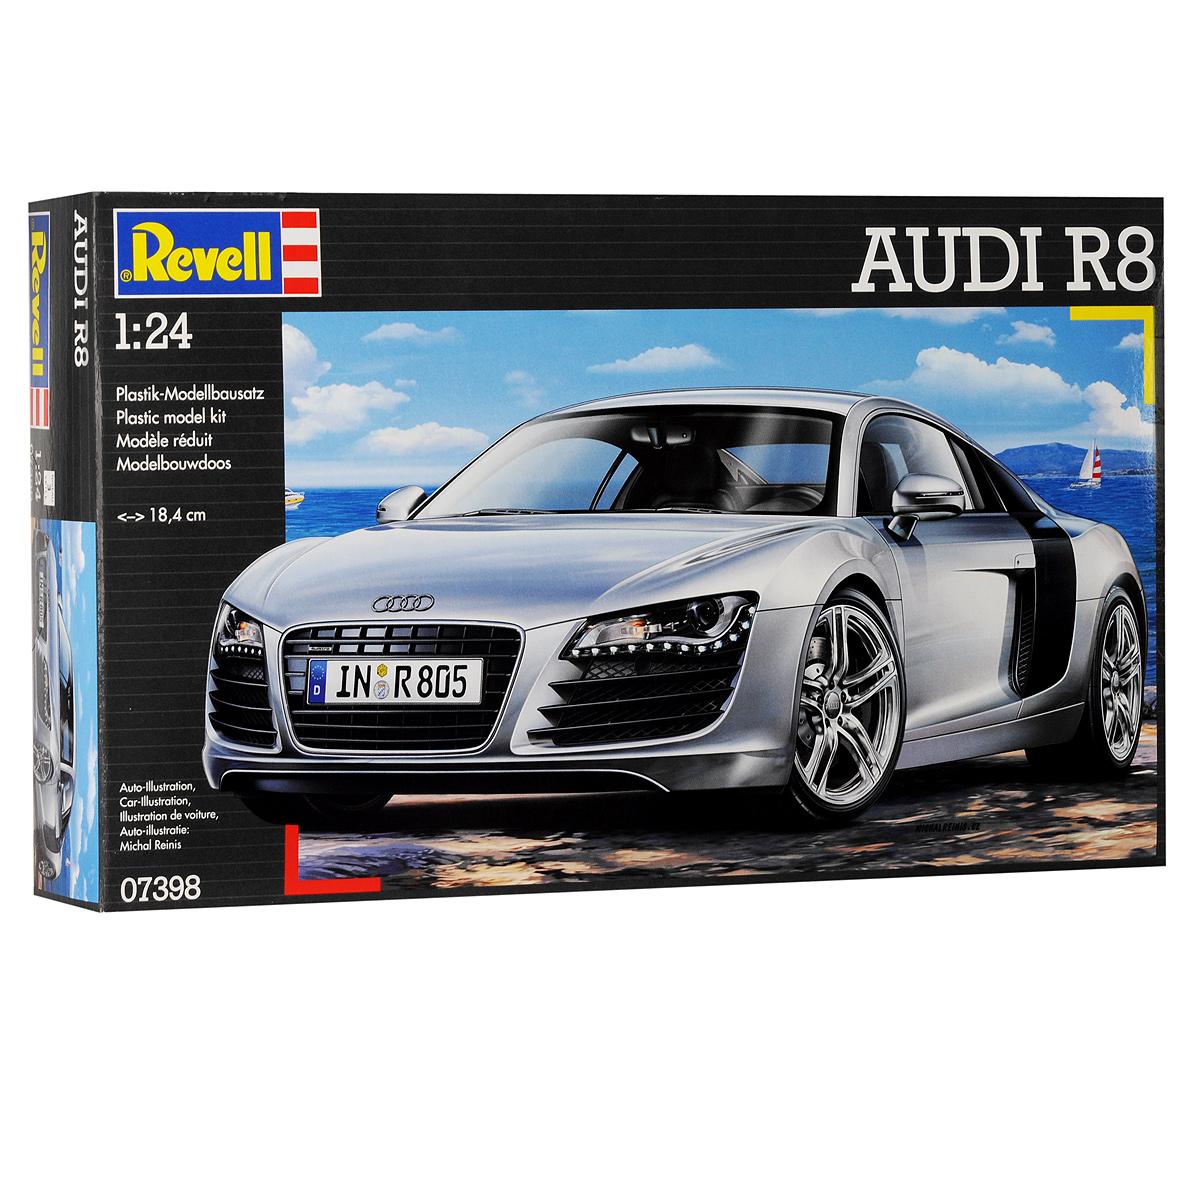 Сборная модель Revell Автомобиль Audi R807398Сборная модель Revell Автомобиль Audi R8 поможет вам и вашему ребенку придумать увлекательное занятие на долгое время. Набор включает в себя 106 пластиковых элементов, из которых можно собрать достоверную уменьшенную копию одноименного немецкого автомобиля. Также в наборе схематичная инструкция по сборке. Audi R8 - среднемоторный полноприводный суперкар, производимый немецким автопроизводителем Audi с 2007 года. Впервые представлен в 2006 году на Парижском автосалоне. Модель R8, как и ряд других моделей автоконцерна Audi производится исключительно на заводе quattro GmbH - дочернем предприятии Audi AG, которая, в свою очередь, является частью концерна Volkswagen AG. Предприятие базируется в Неккарзульме недалеко от Штутгарта. Производственные цеха расположены на территории прекратившего деятельность завода NSU Motorenwerke AG, известного мировым первенством в применении бесклапанного роторного двигателя в 1970-х годах. Процесс сборки развивает...